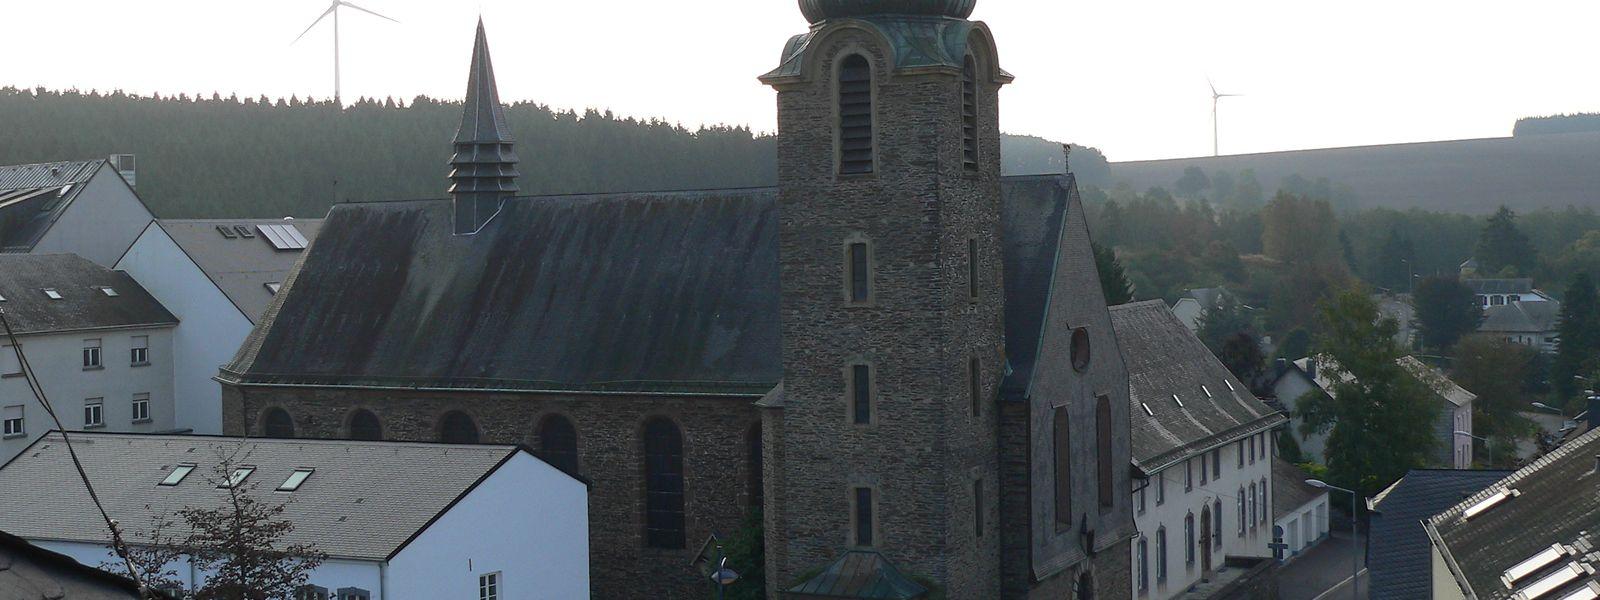 Die Kirche in Ulflingen ist eines von acht Gotteshäusern, für deren Unterhalt die Gemeinde einen Ausgabeposten im Budget vorgesehen hat, den das Ministerium jedoch gestrichen sehen will.